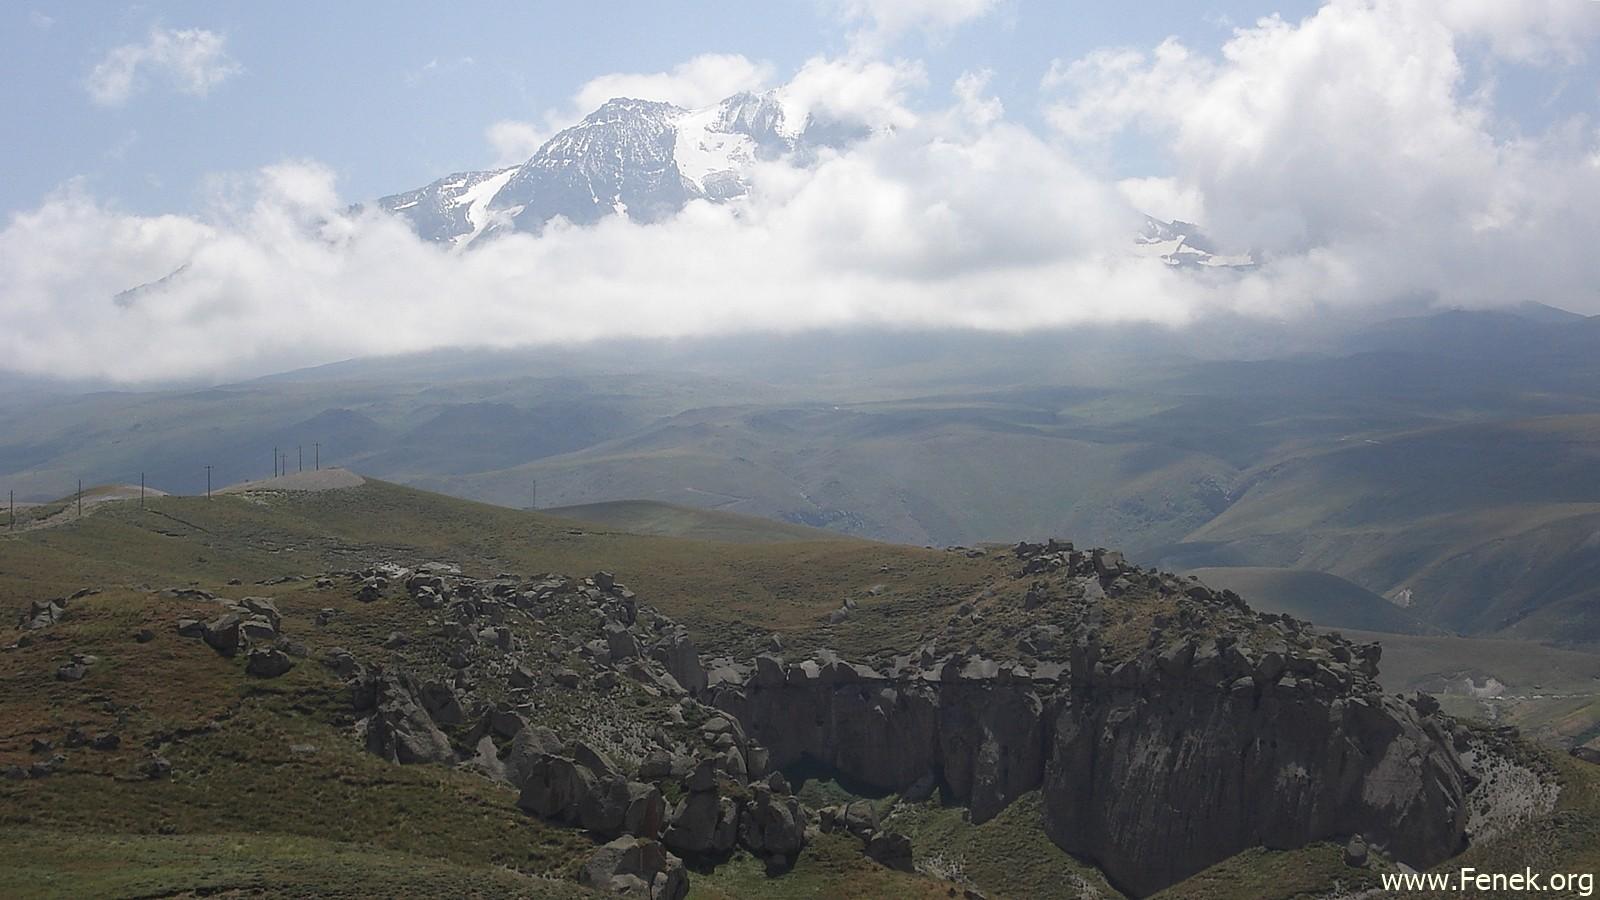 der Sabalan vom Tal aus gesehen